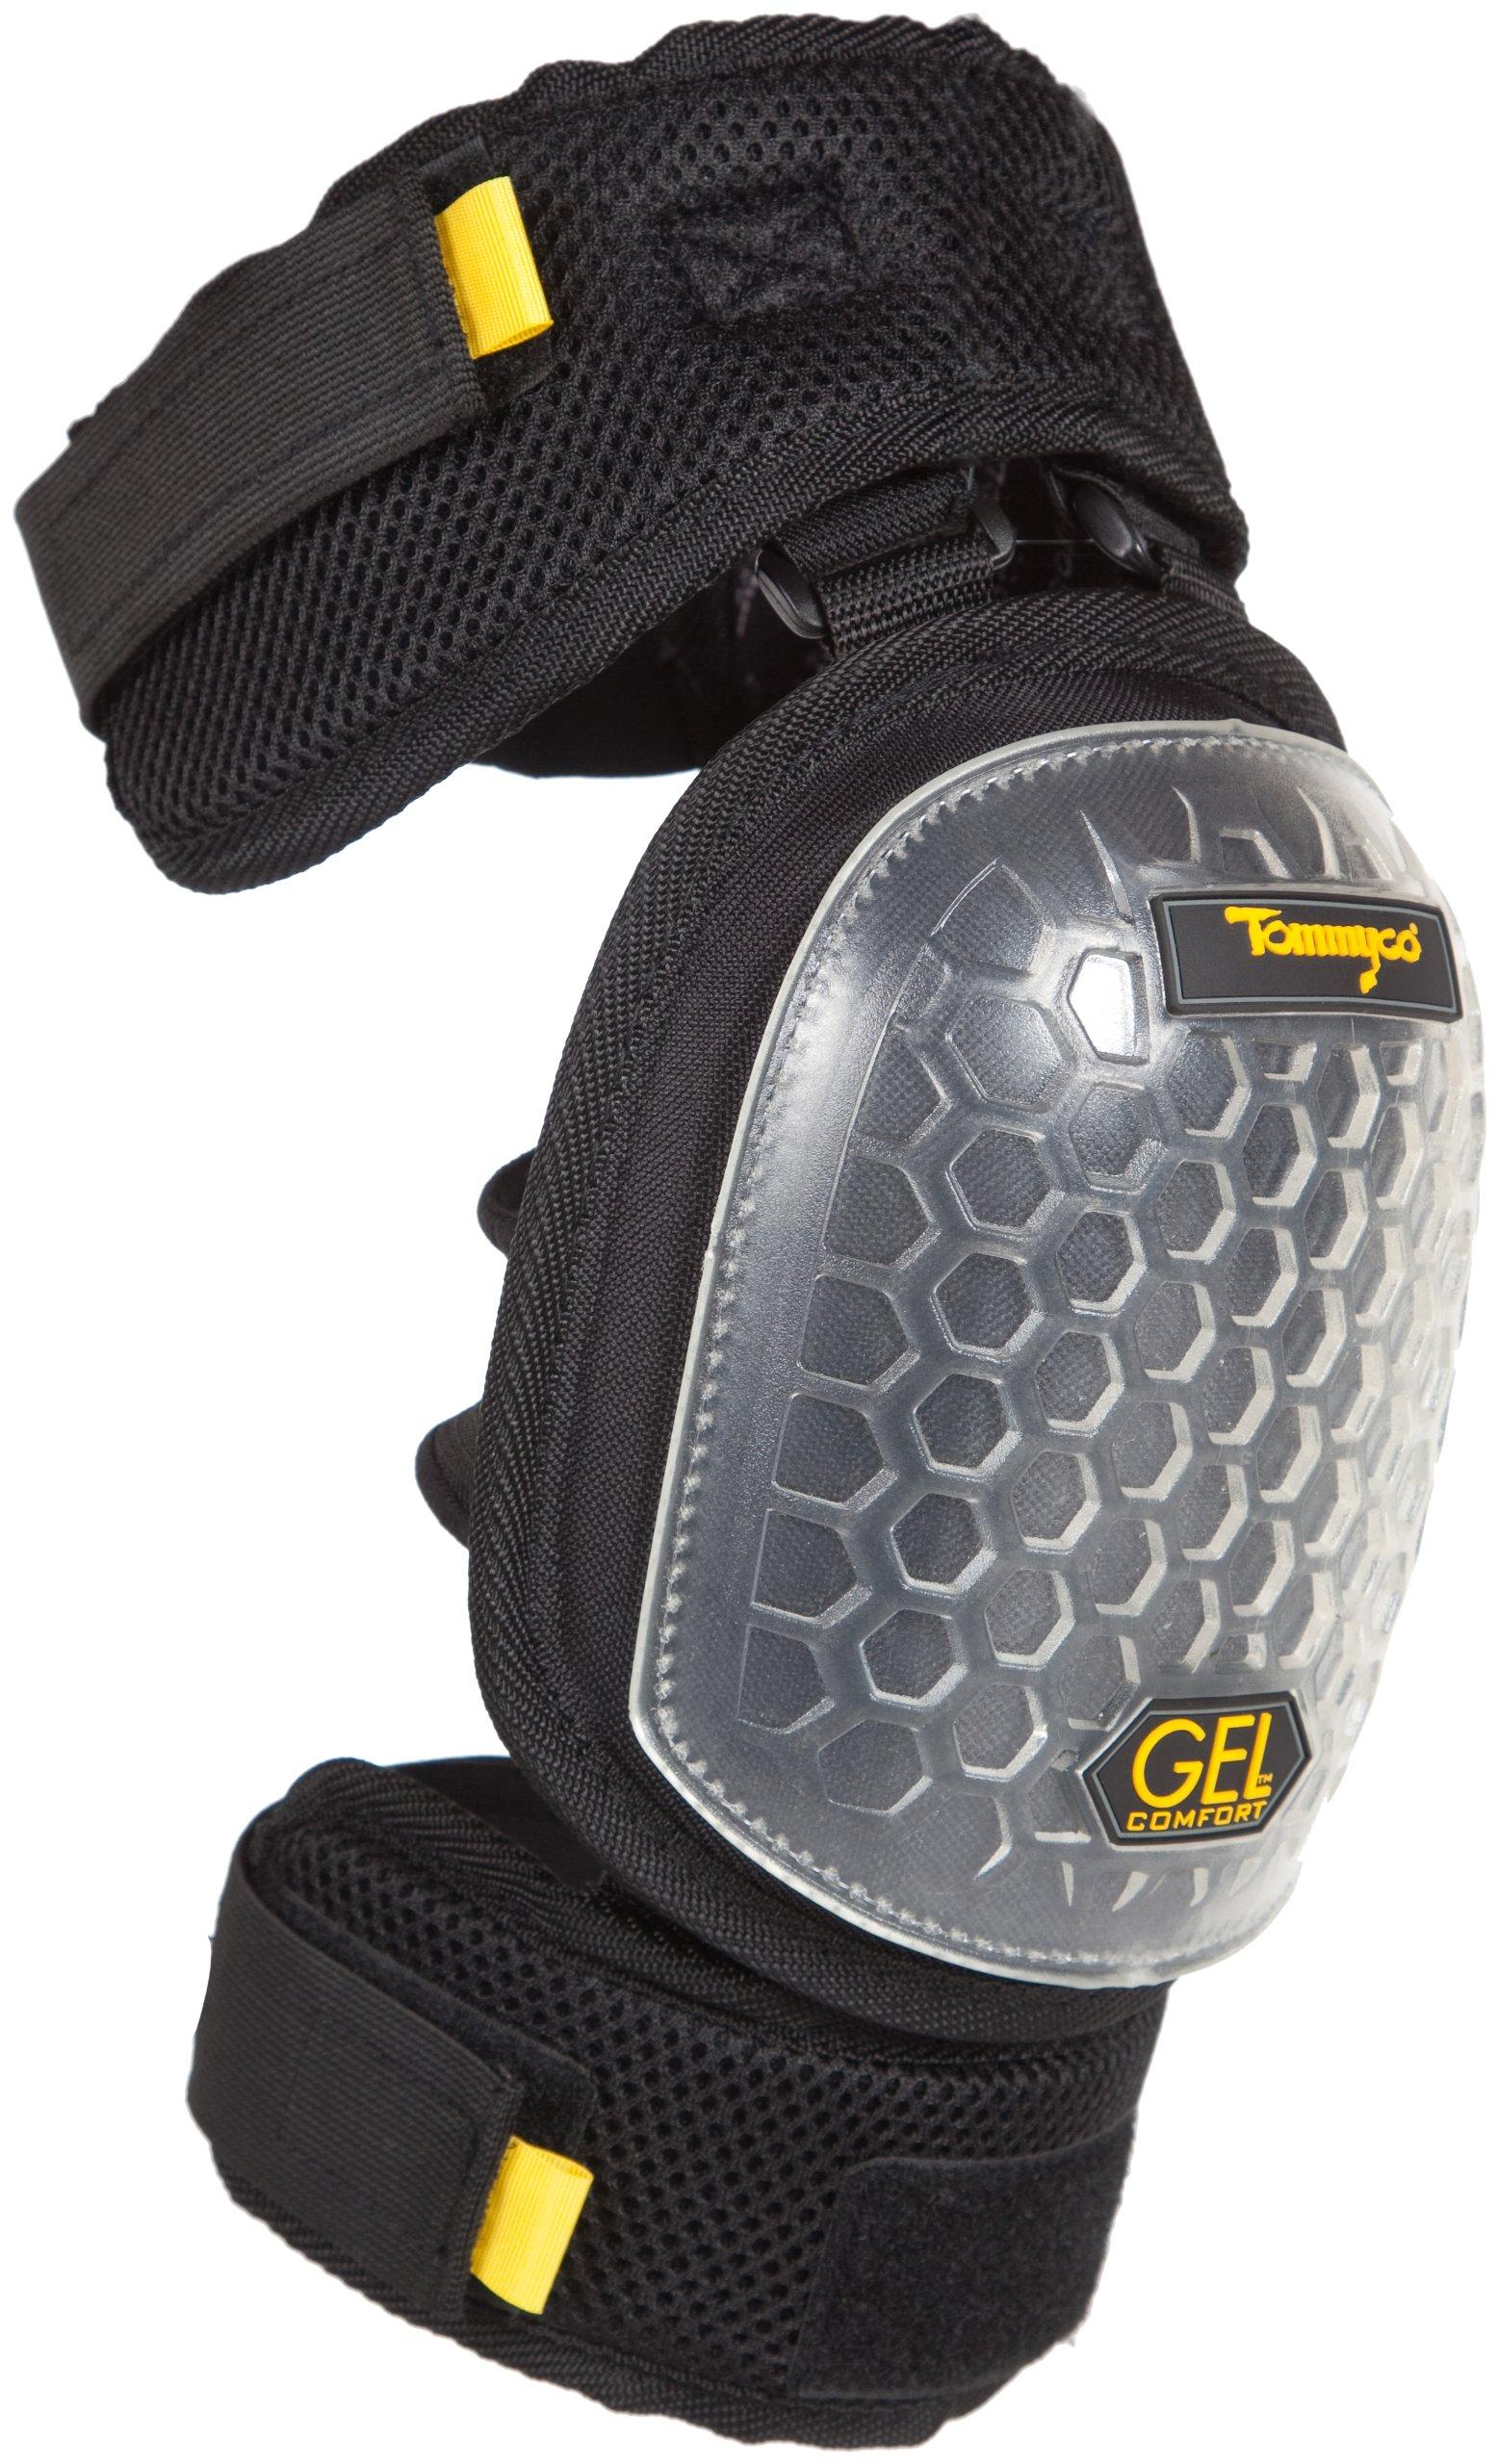 Tommyco Kneepads Inc 30021 Total Flex GEL Sure Grip Kneepad